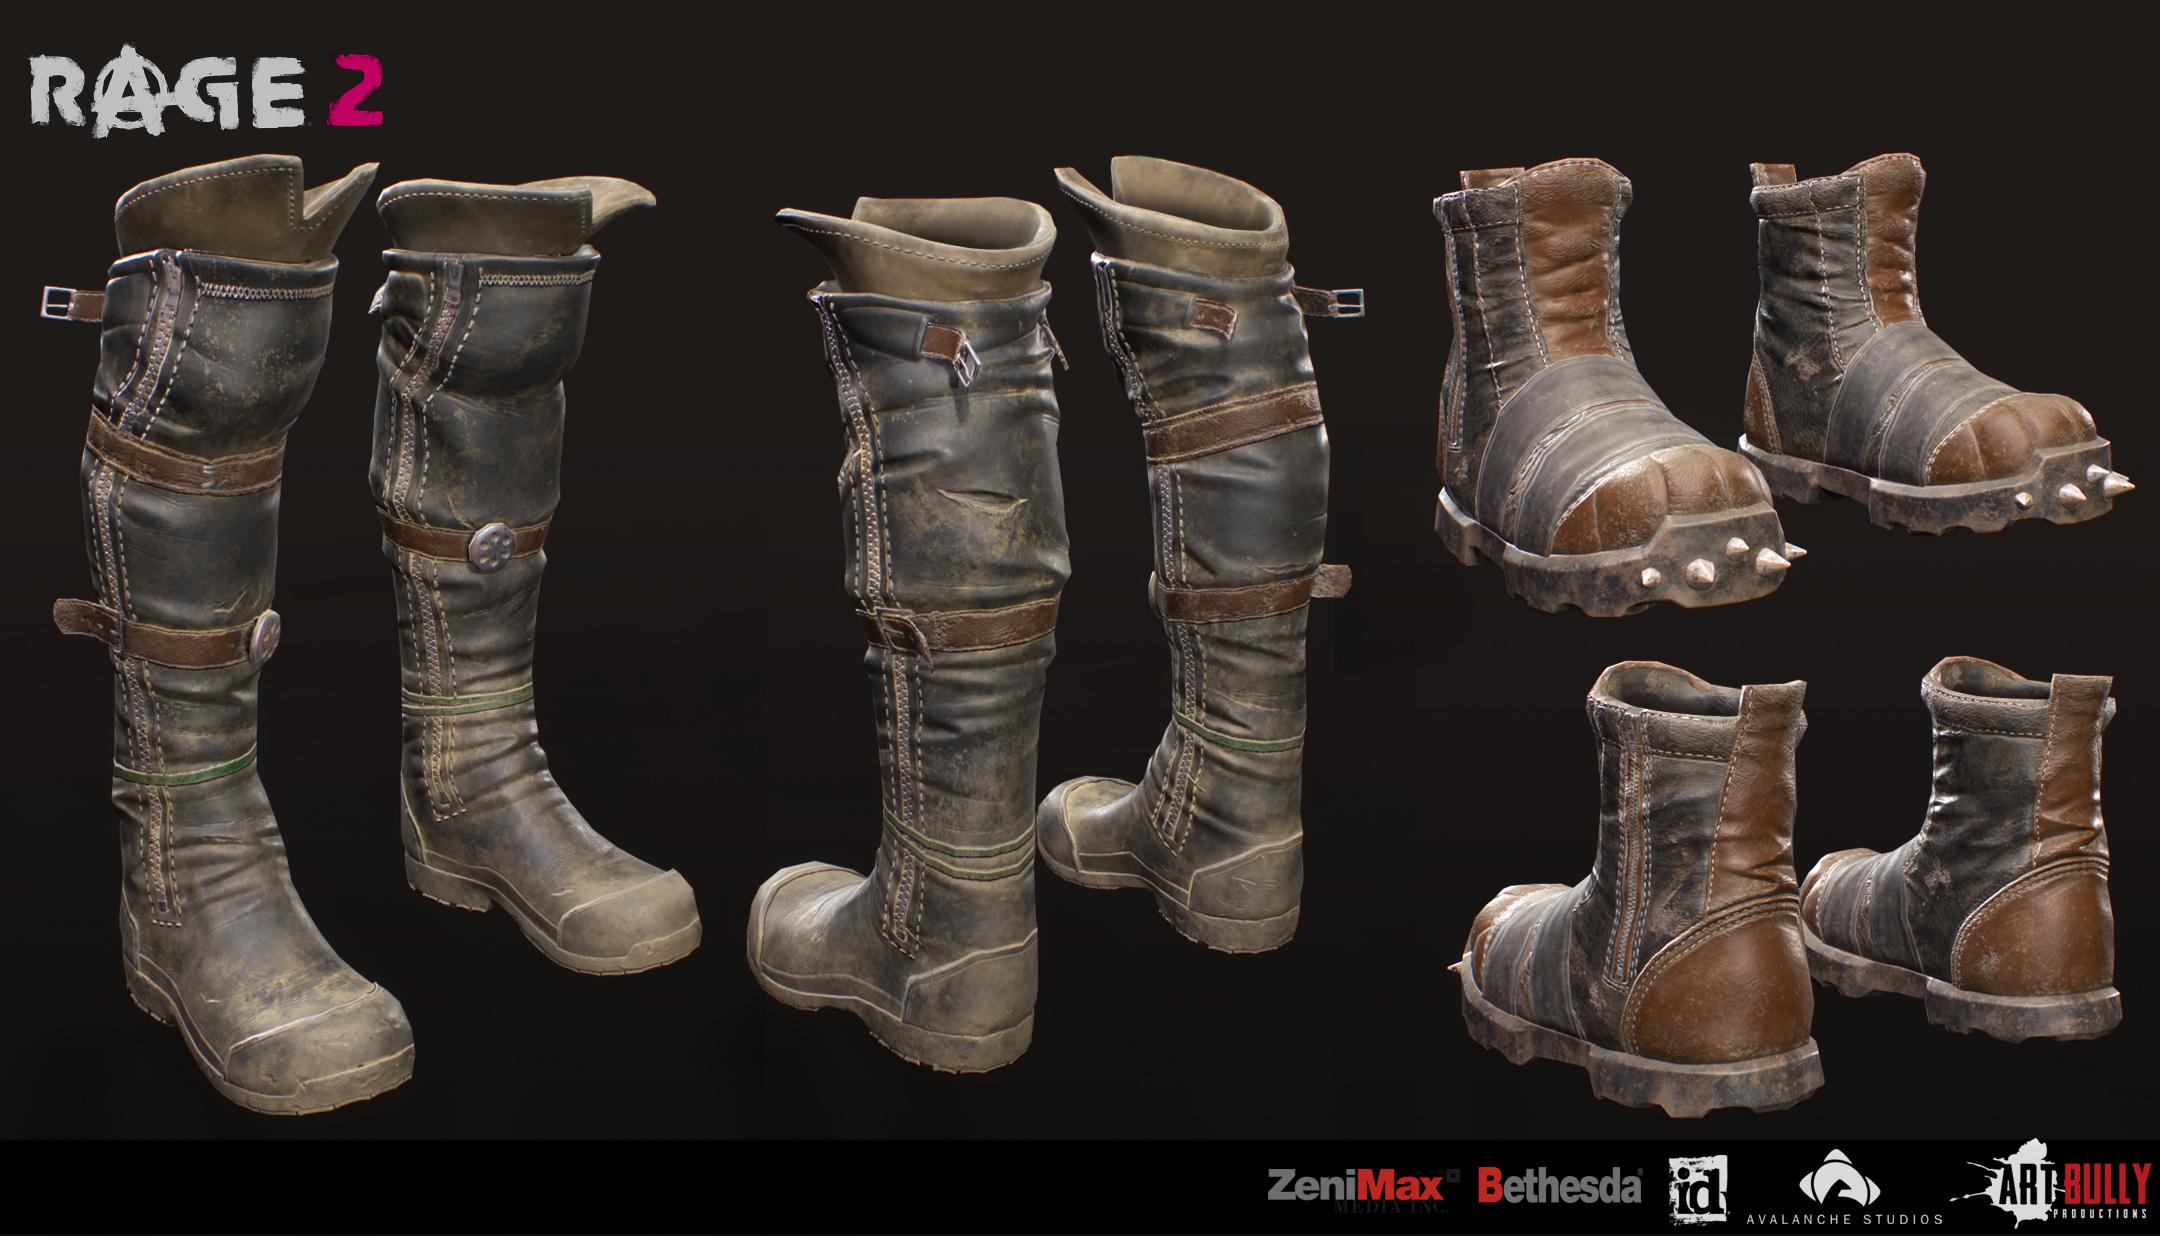 overtheknee_boots_shoe_01.jpg